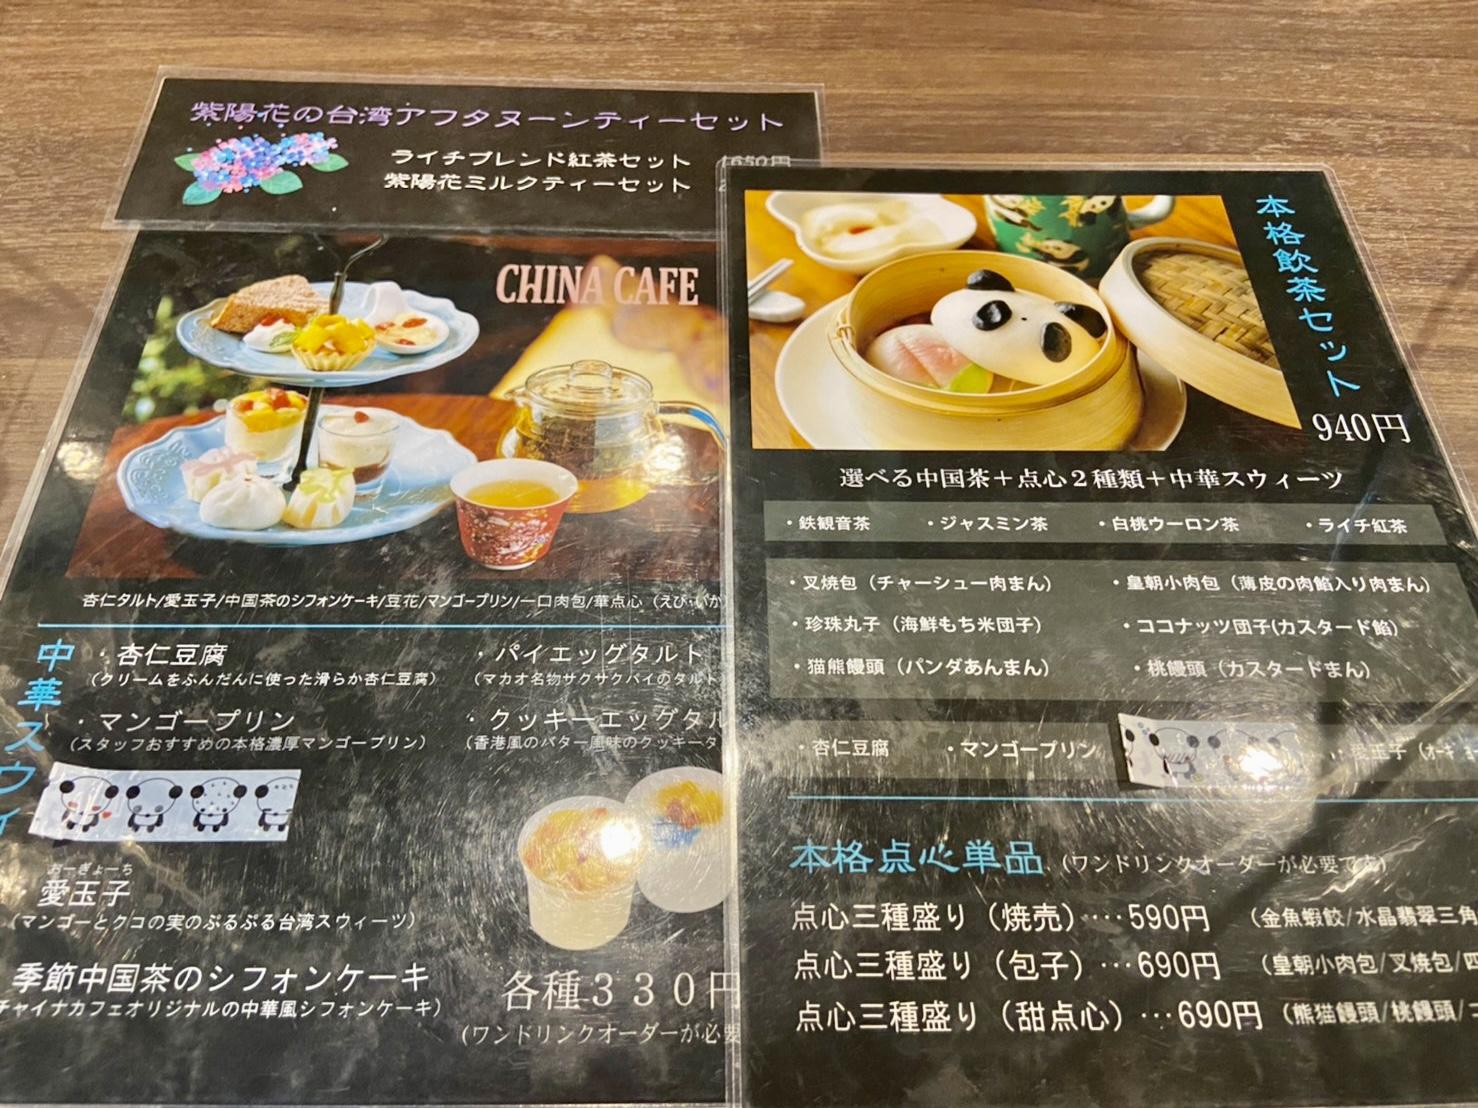 【インスタ映え】お粥もアフタヌーンティーも!番号札がまさかの動物!?【カフェ】_10